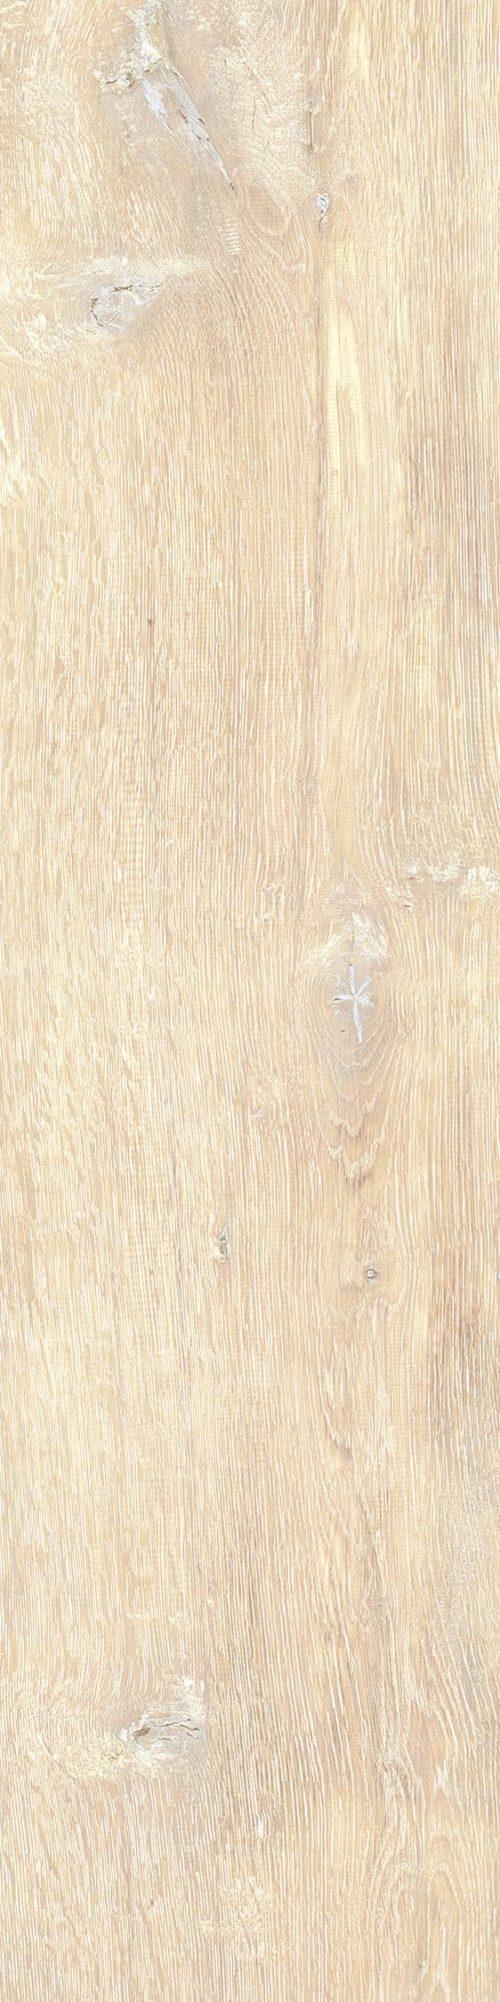 Керамогранит Italon «NL-Wood» Vanilla (Новая Упаковка) натуральный (22.5Х90 см)